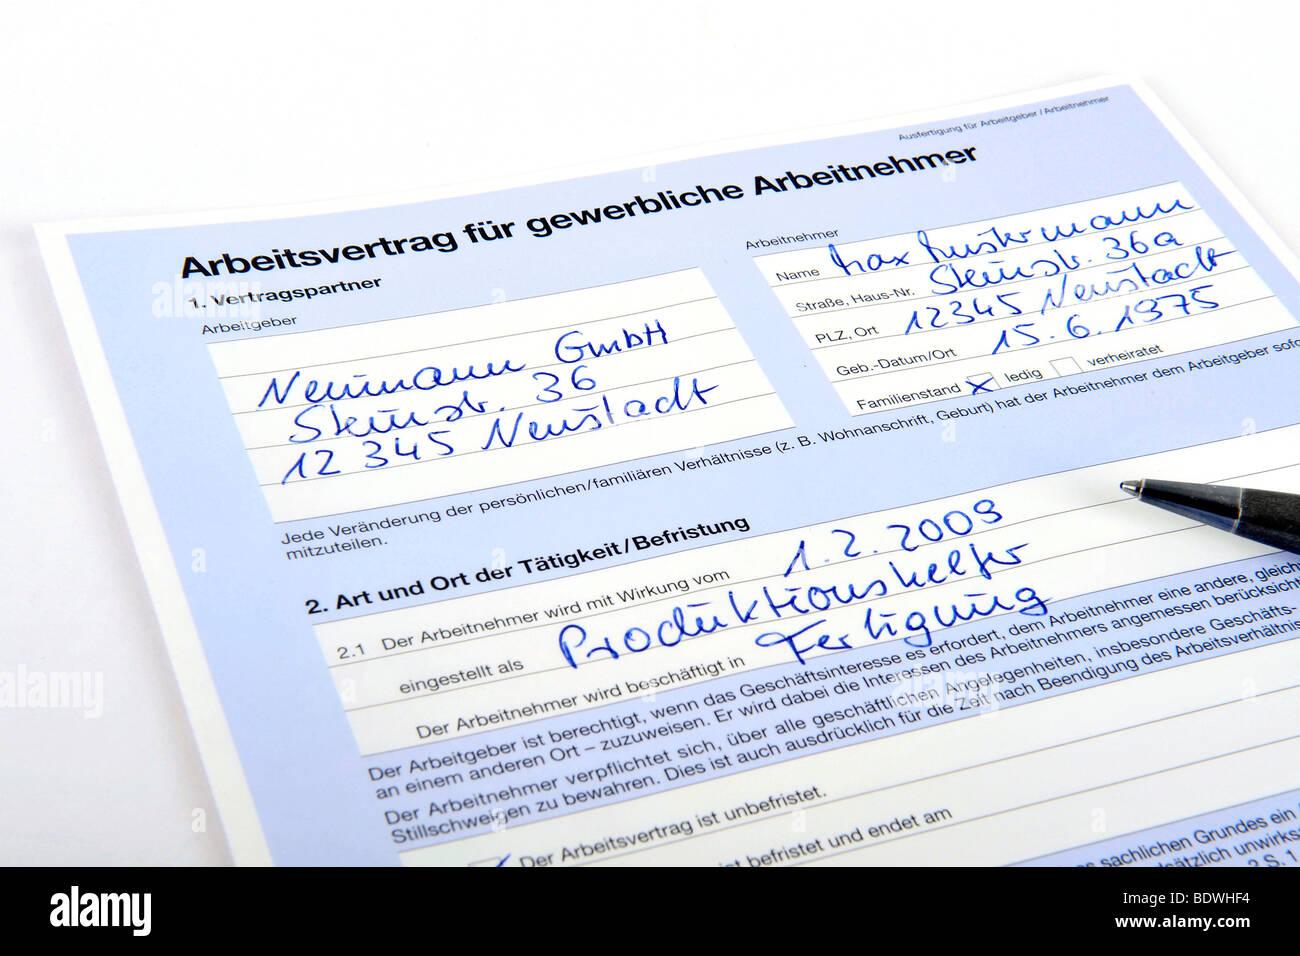 Arbeitsvertrag Für Gewerbliche Mitarbeiter Stockfoto Bild 25763448